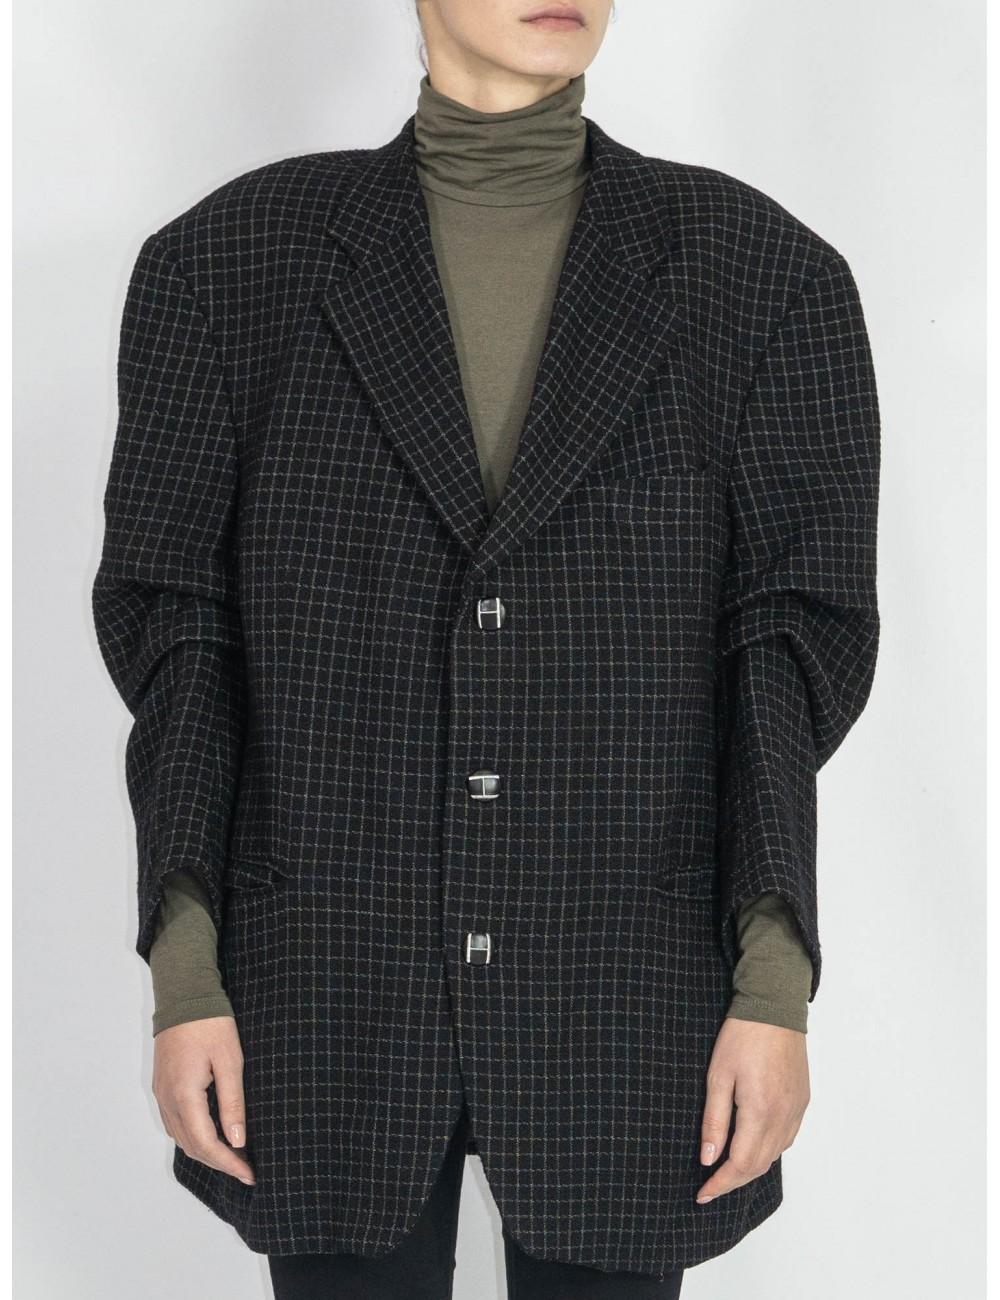 Oversized upcycled jacket Hooldra